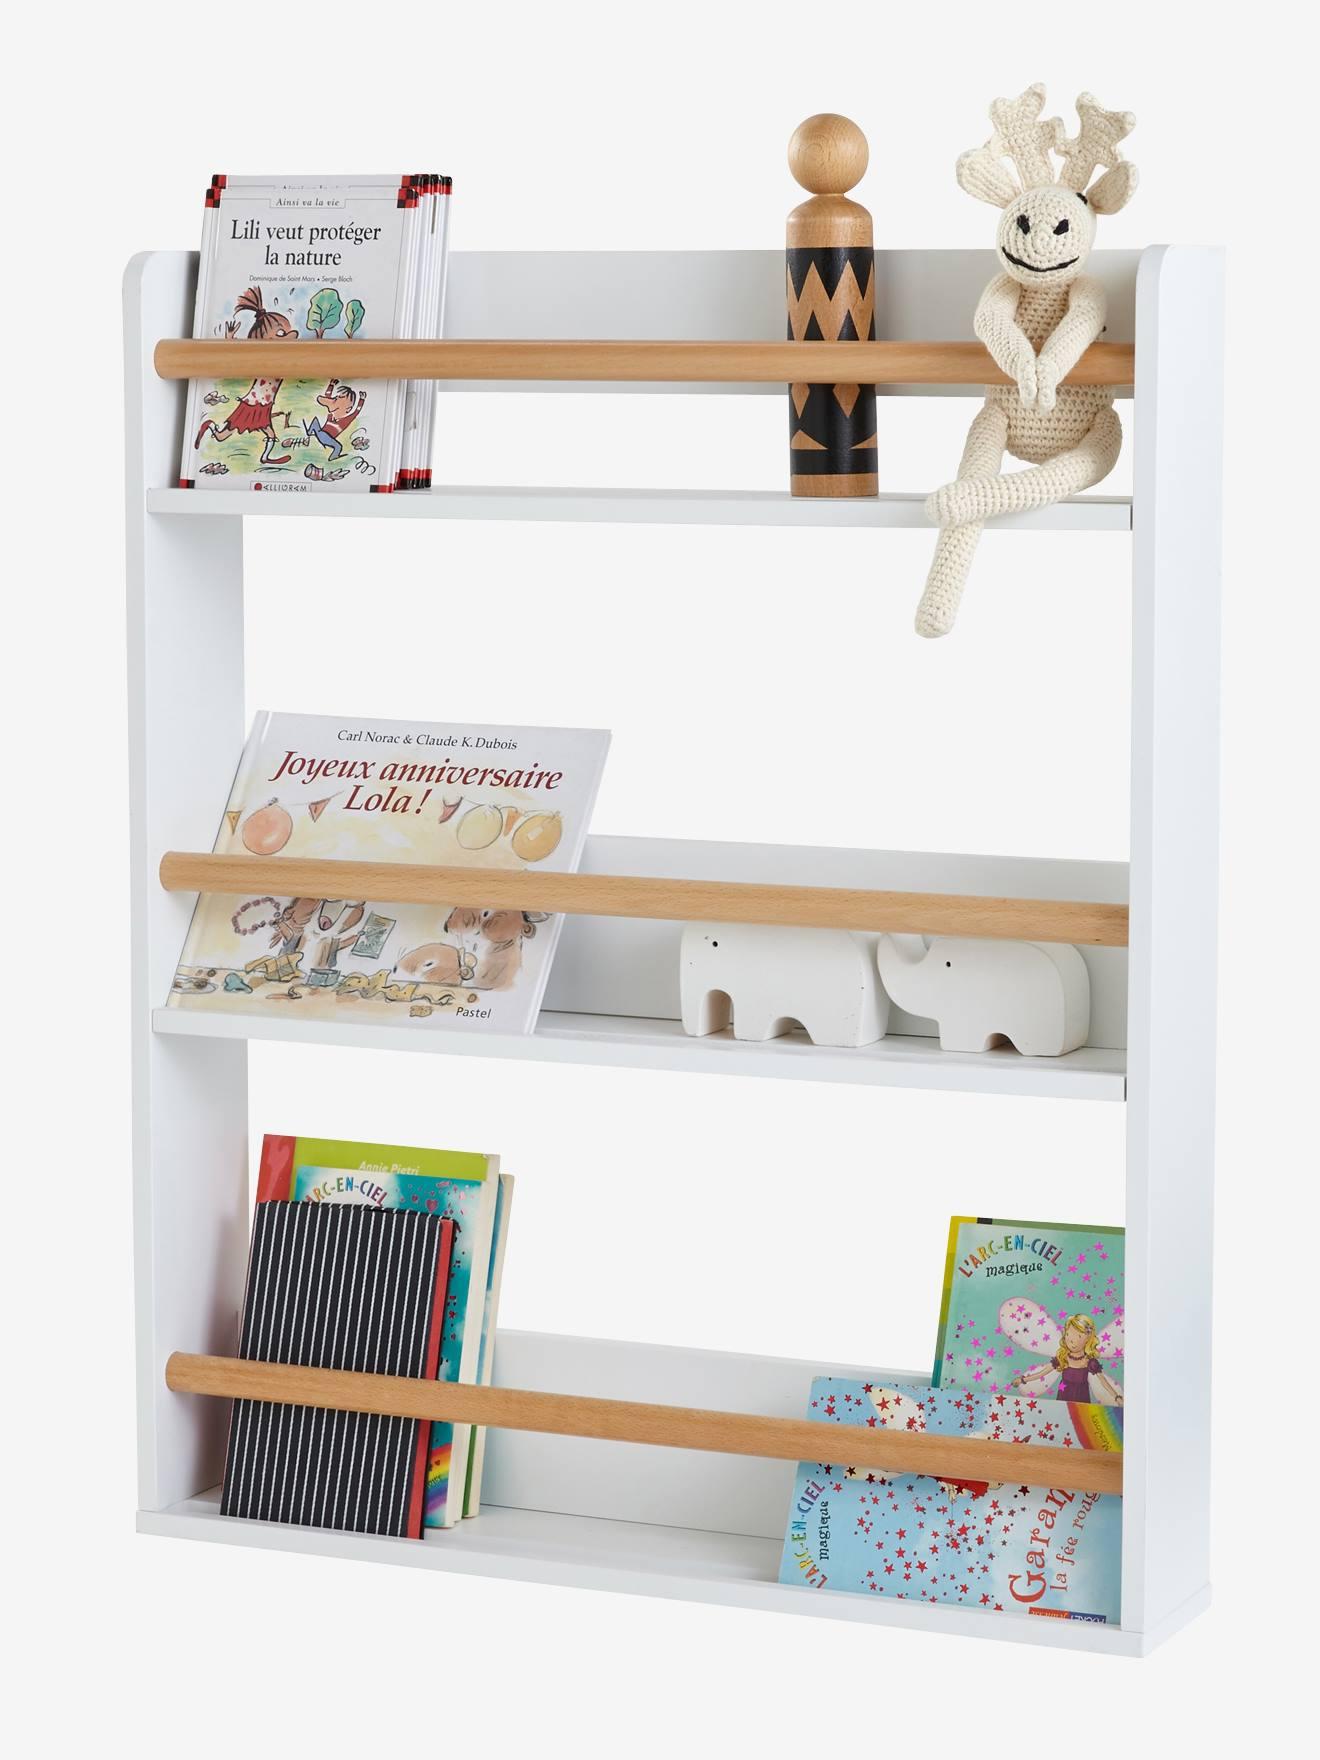 Estanterias de madera para libros finest lectura asiento - Estanteria para libros ...